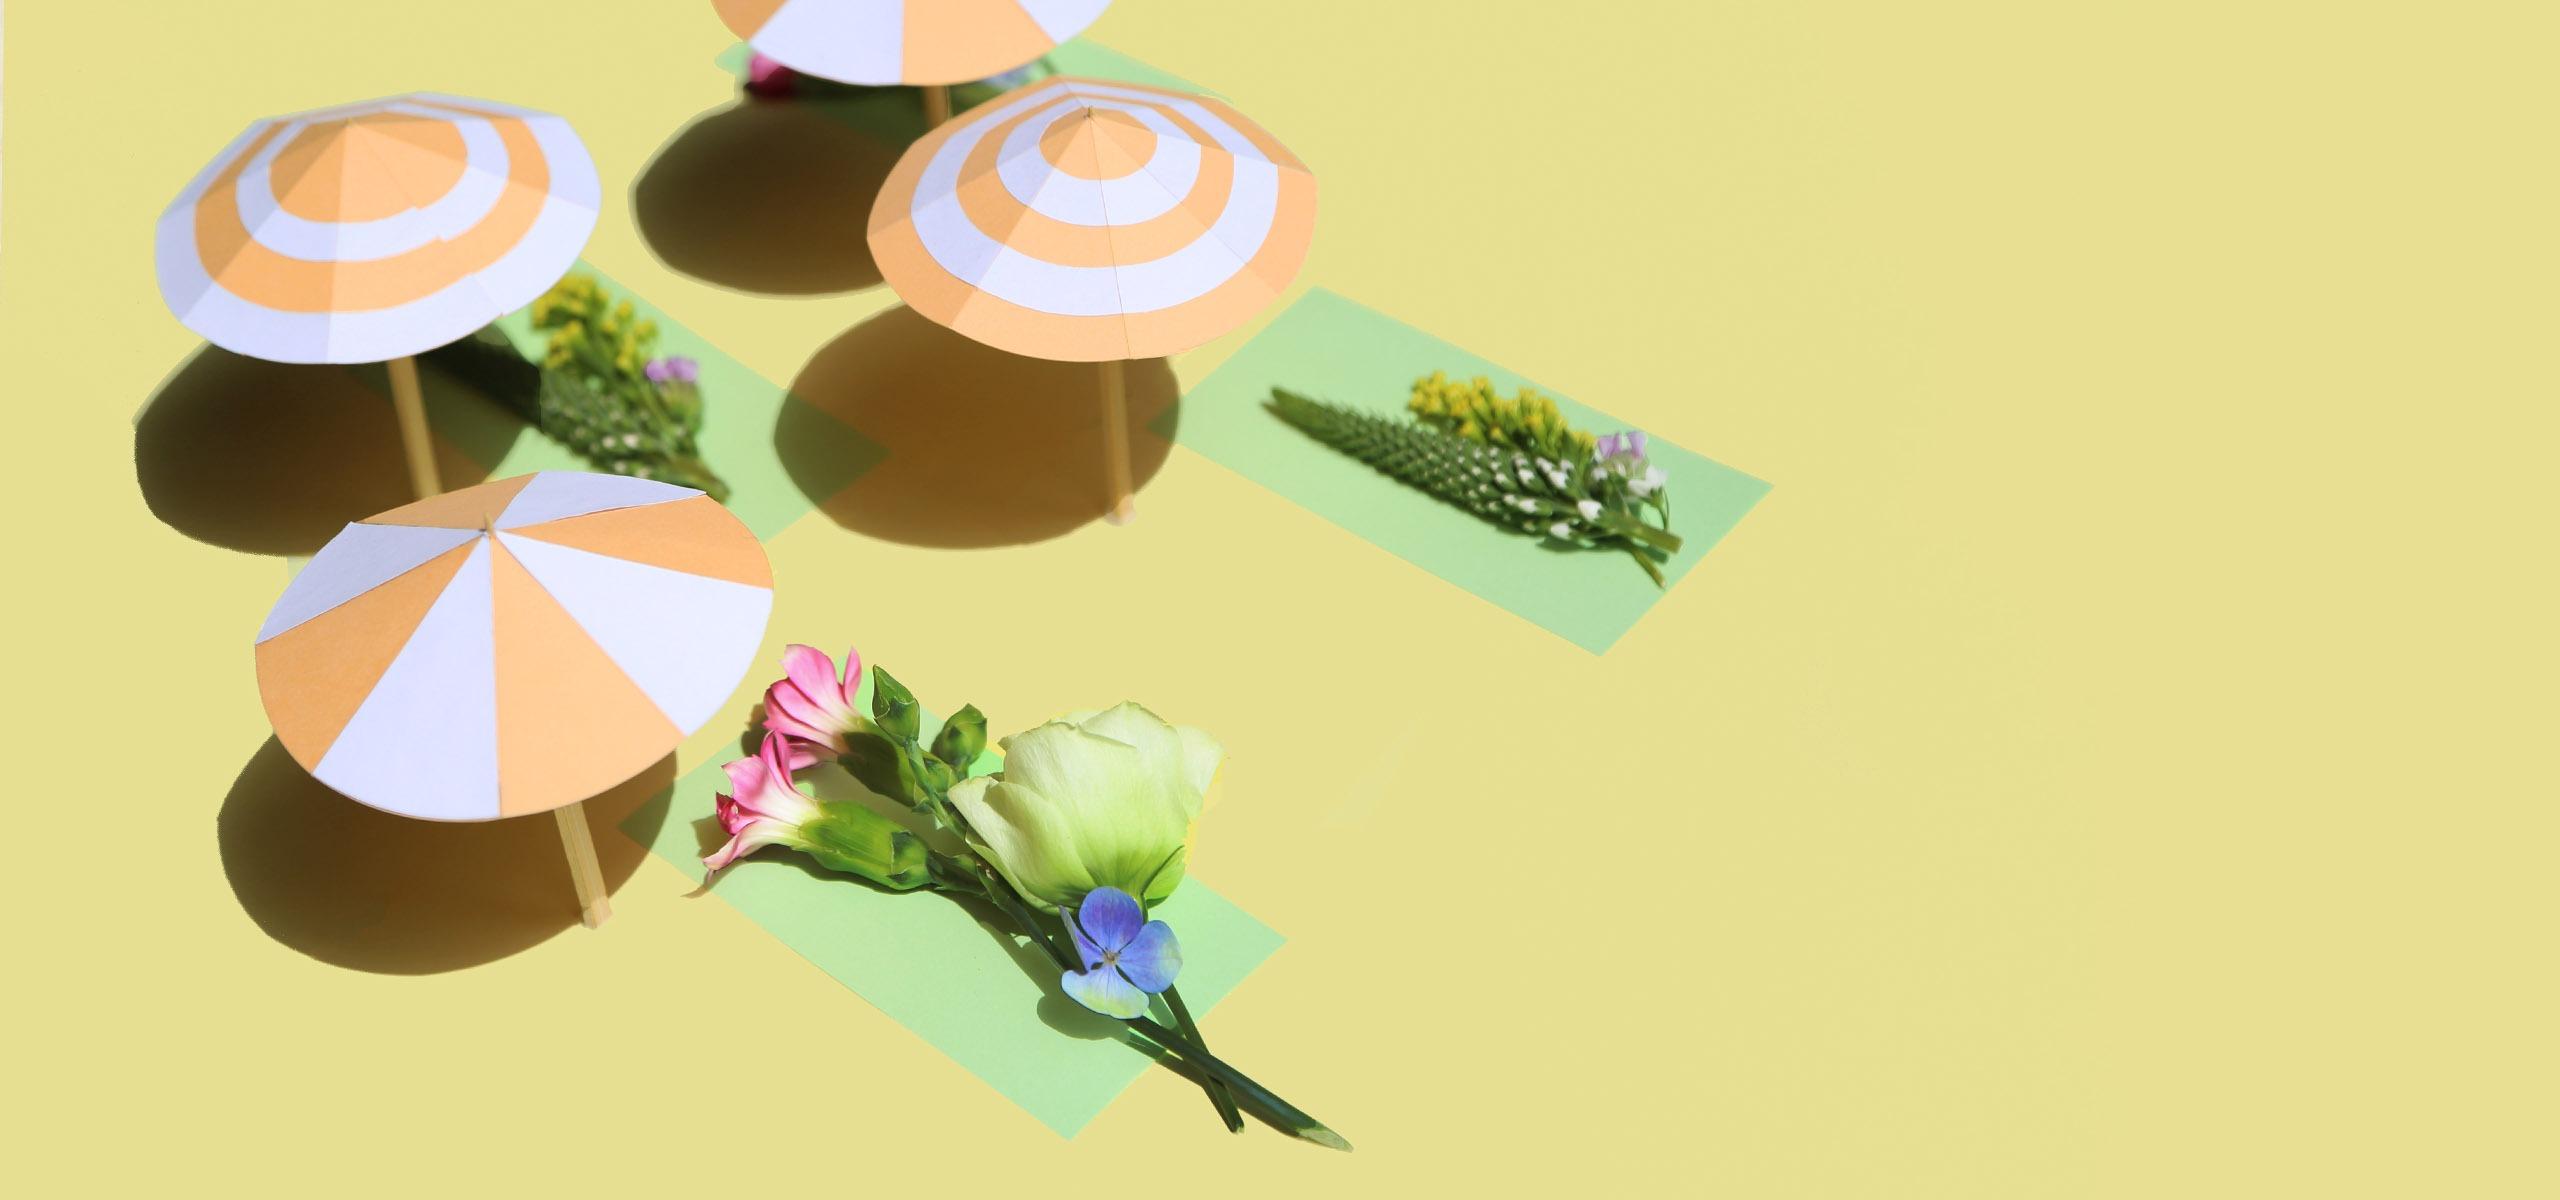 Les fleurs et la canicule: guide de survie !